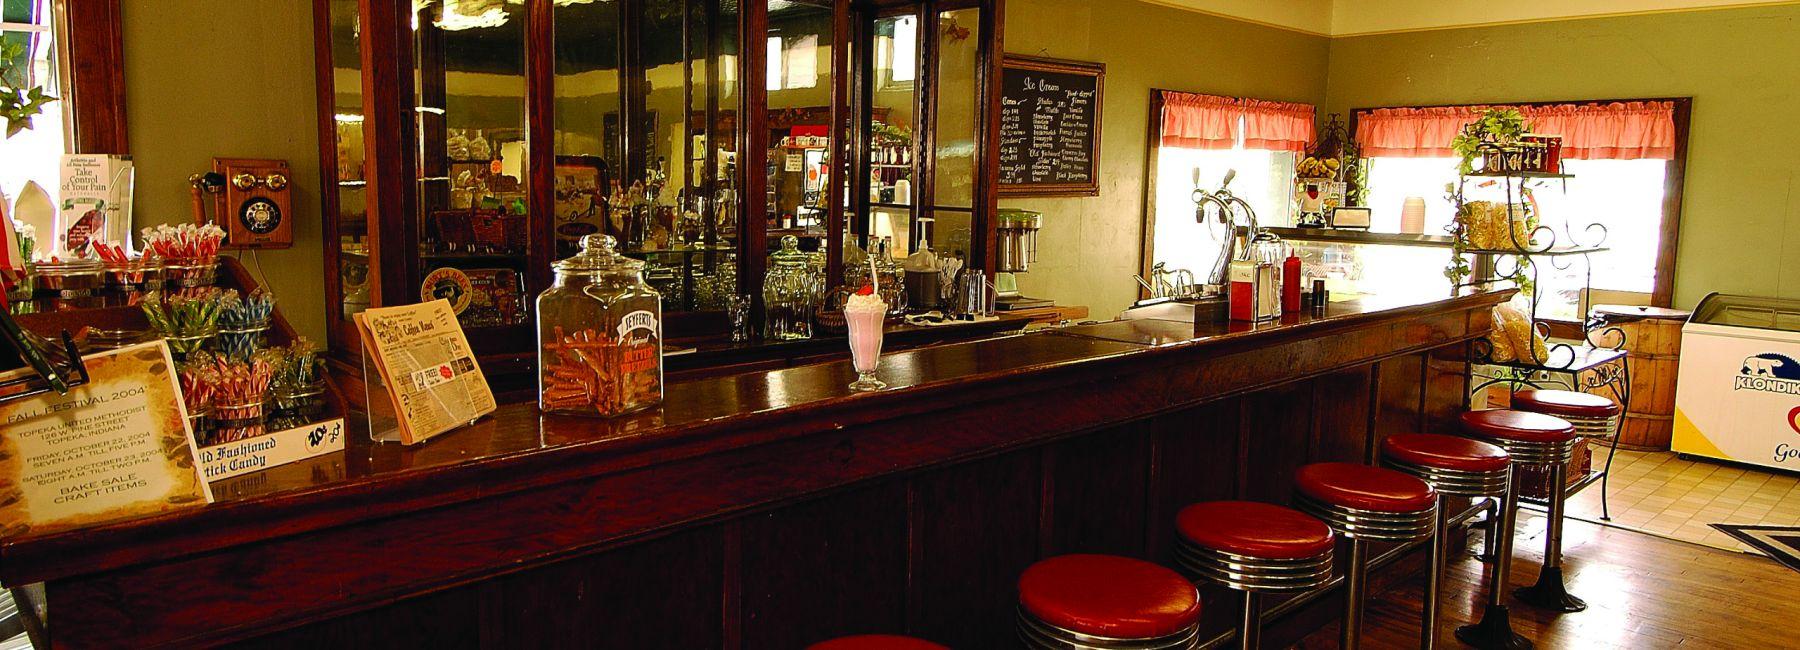 Red stools at the bar at Emma's cafe